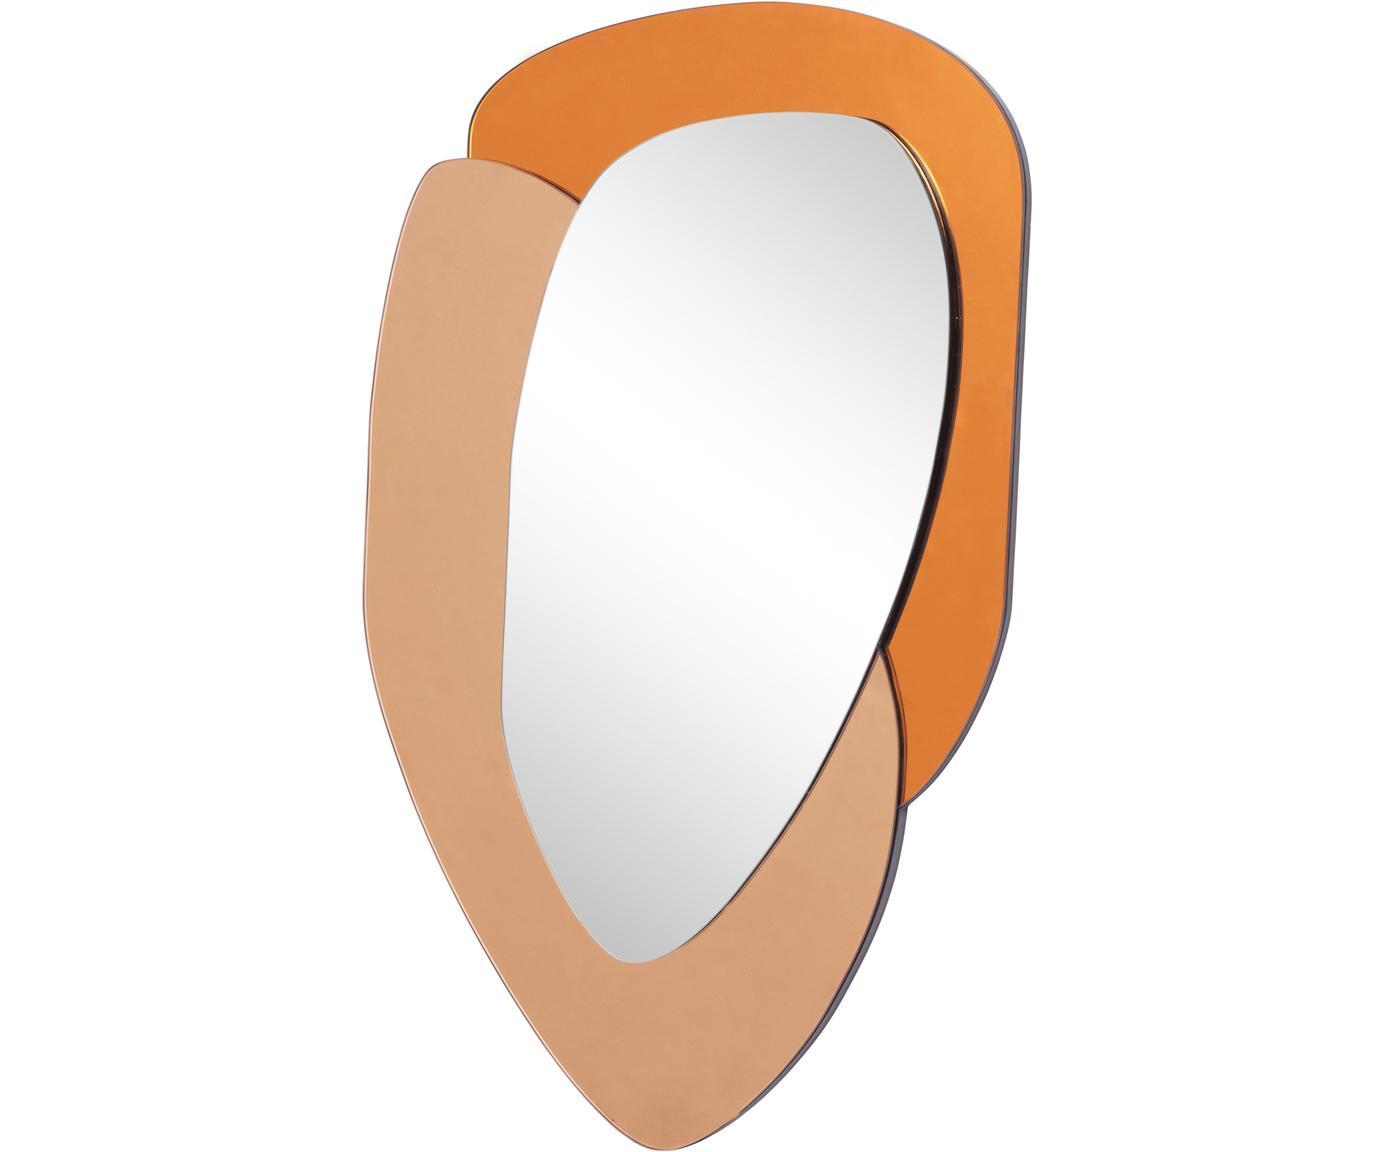 Lustro ścienne Layer, Szkło lustrzane, Pomarańczowy, karmelowy brązowy, szkło lustrzane, S 48 x W 76 cm